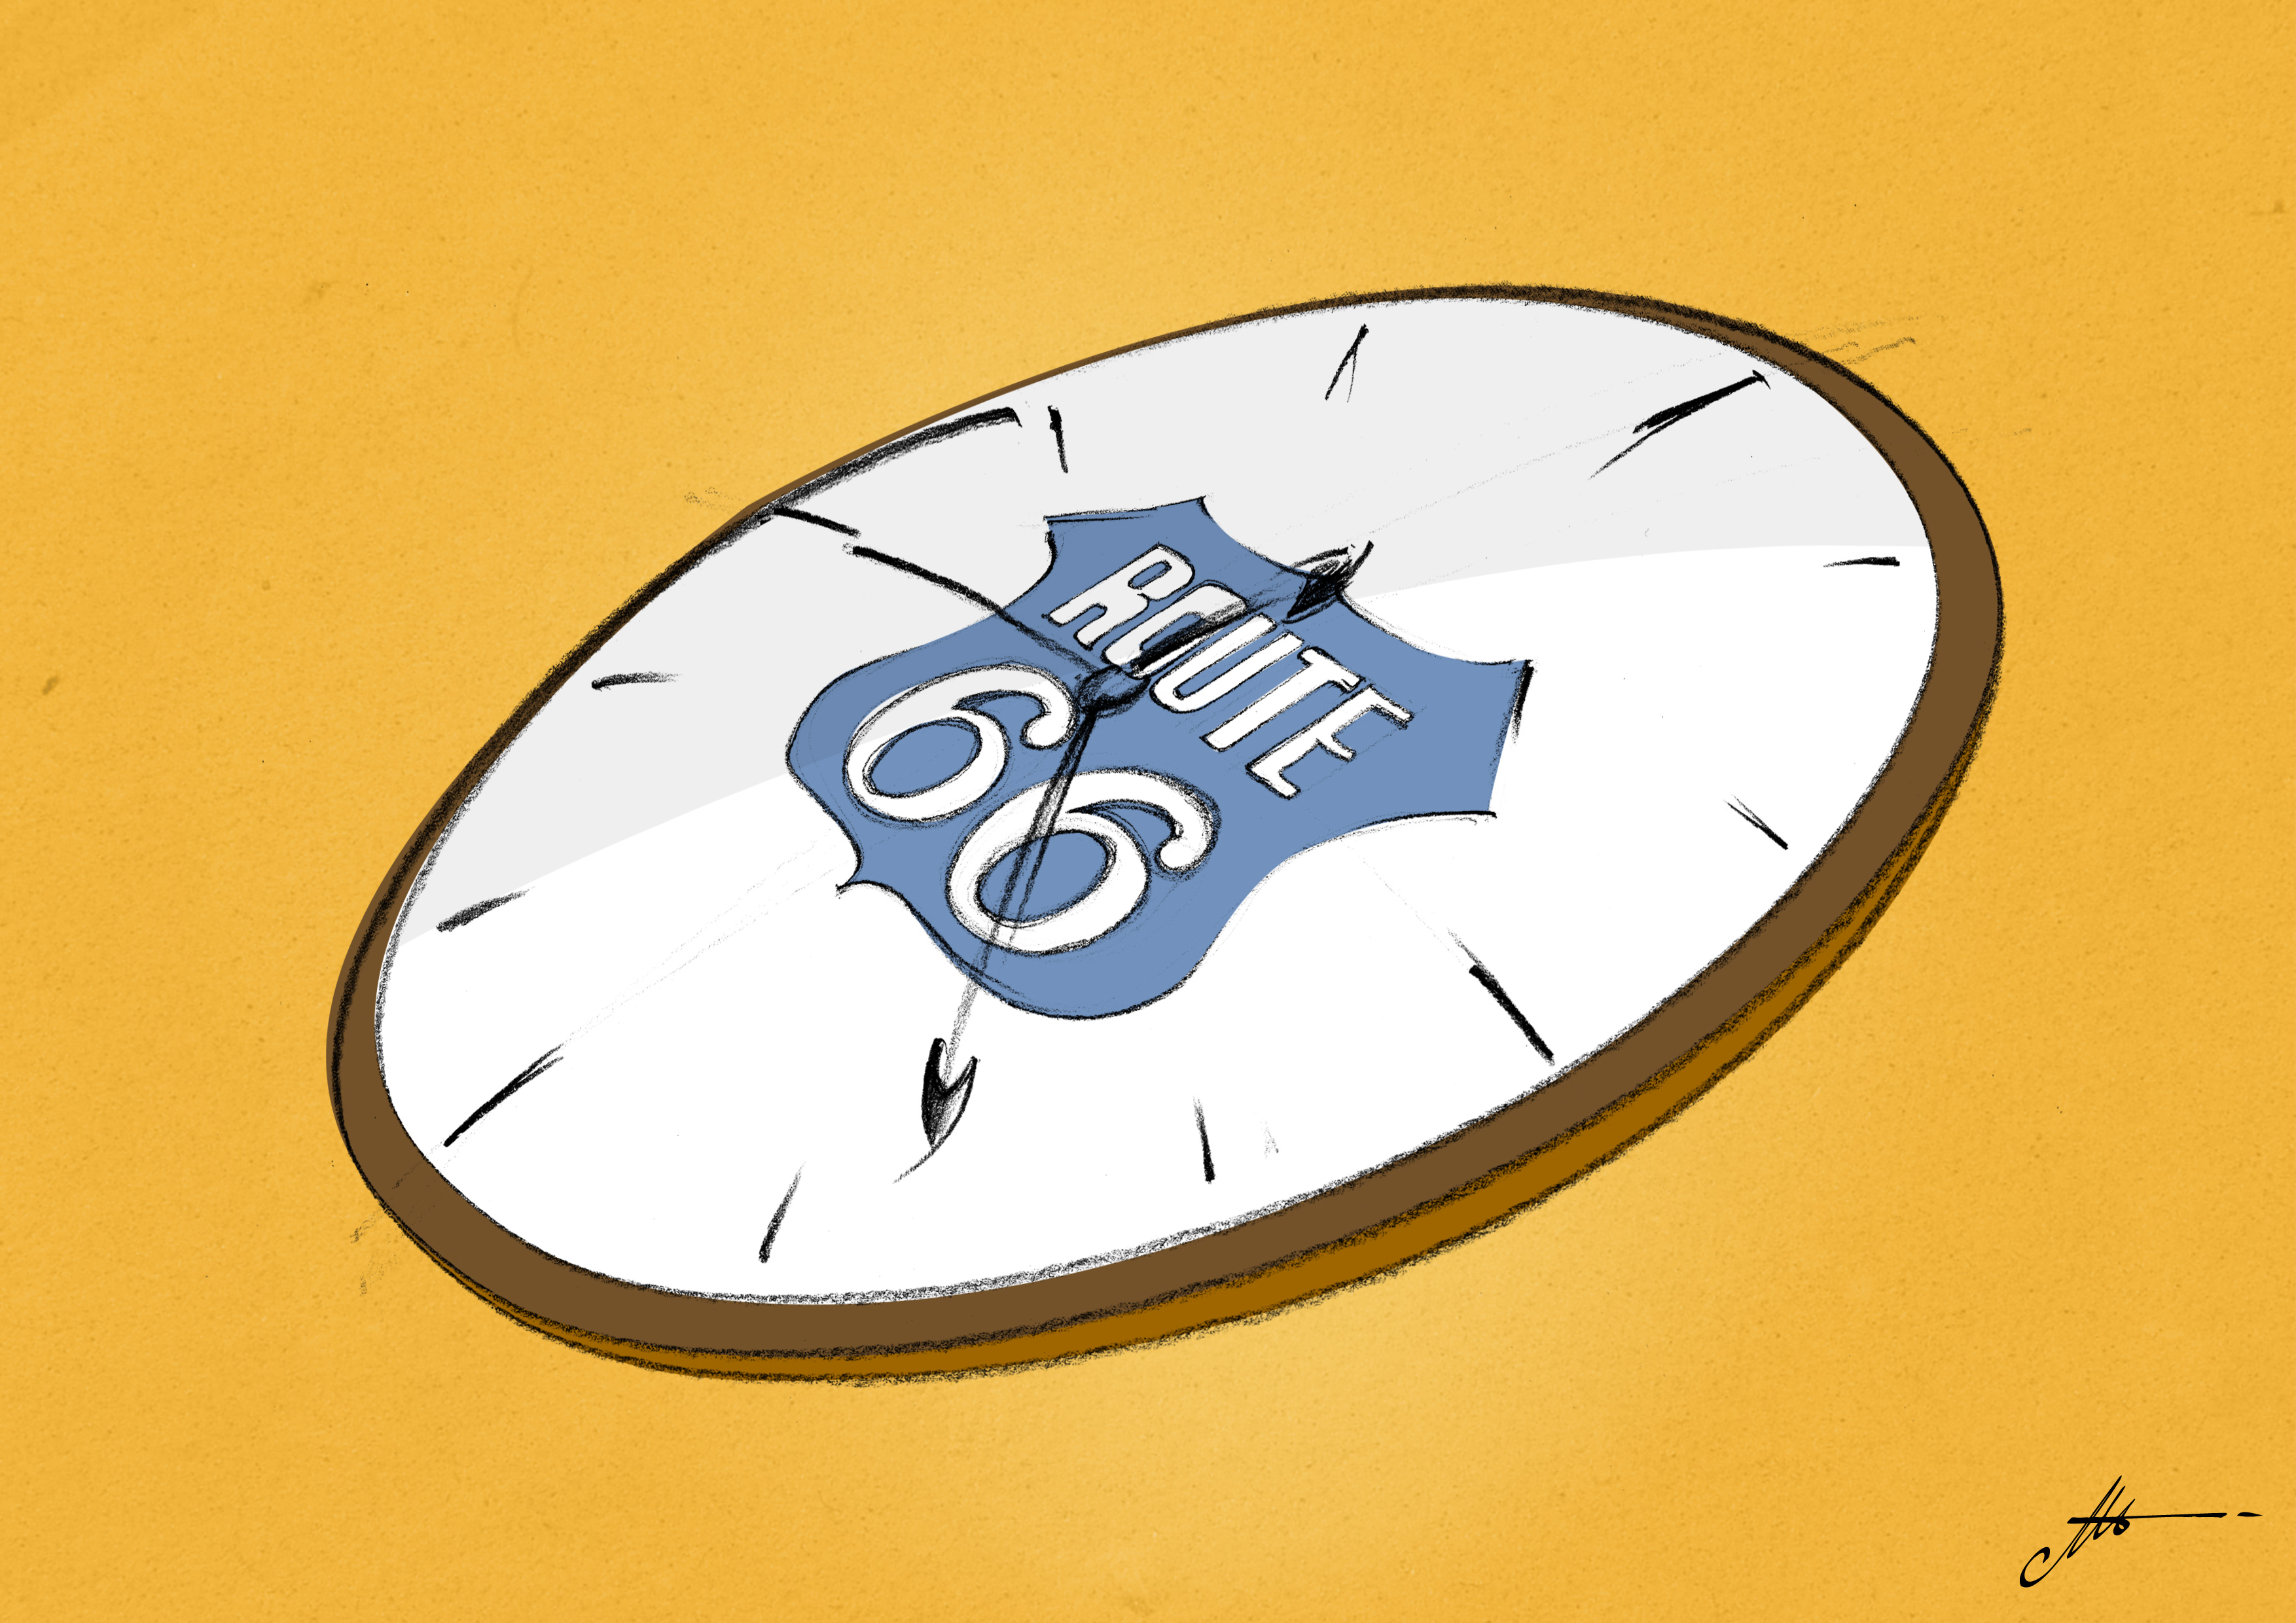 imprimer sur le cadran d'une ancienne montre